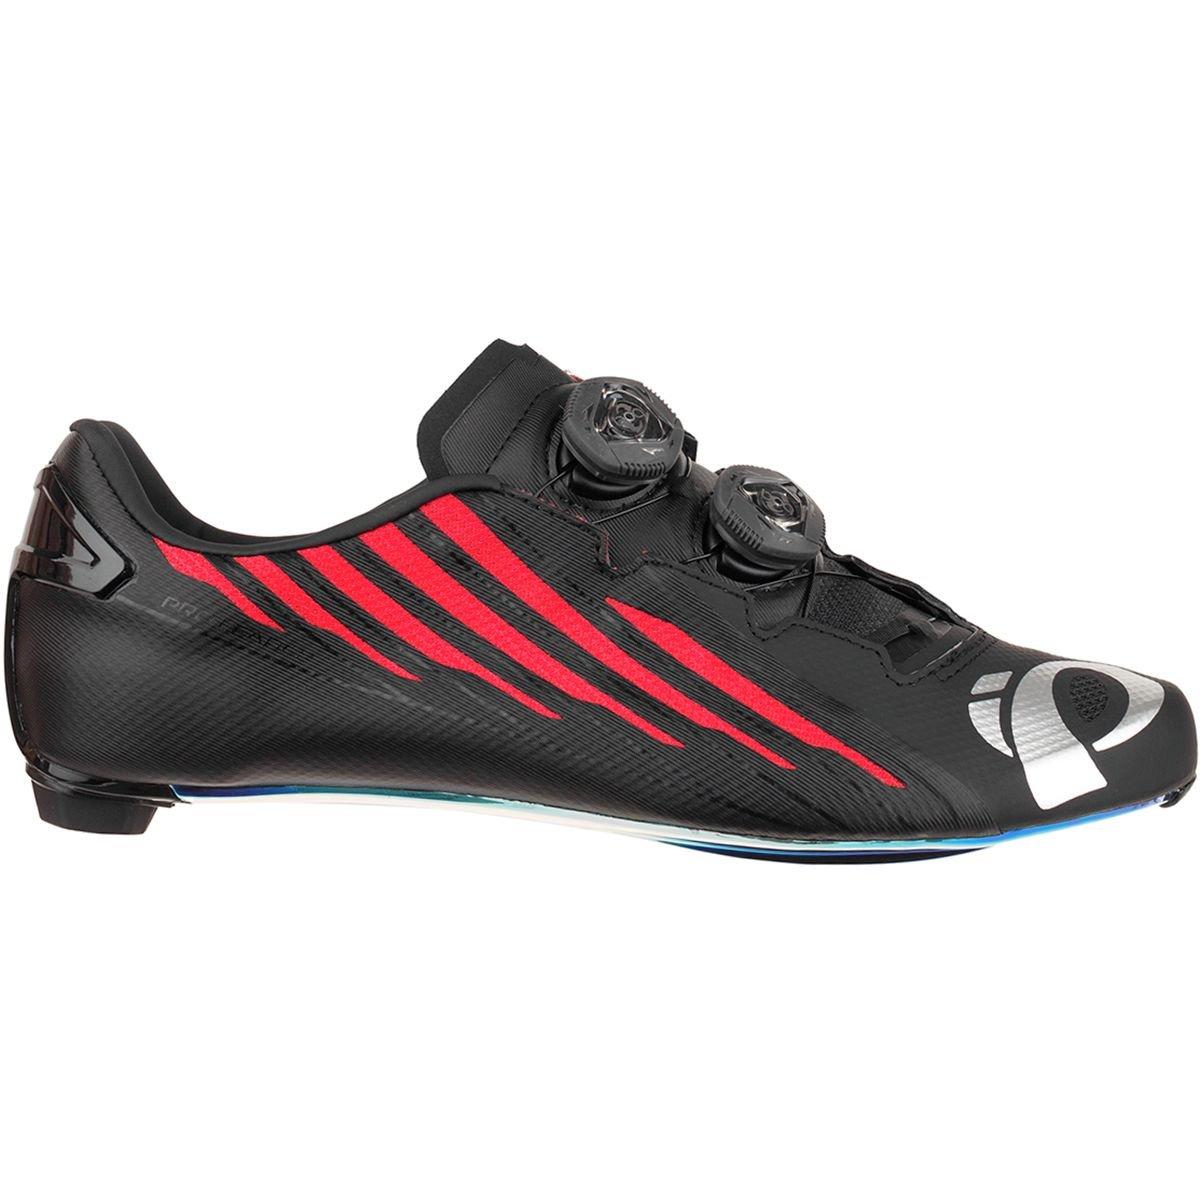 最も優遇の (パールイズミ) B07G7615C2 Pearl Izumi Pro Leader Cycling V4 Limited 日本サイズ Edition Cycling Shoe メンズ ロードバイクシューズBlack/Red [並行輸入品] 日本サイズ 28cm (43.5) Black/Red B07G7615C2, 印章の伝統をきざむ ミナミ:51406f91 --- by.specpricep.ru